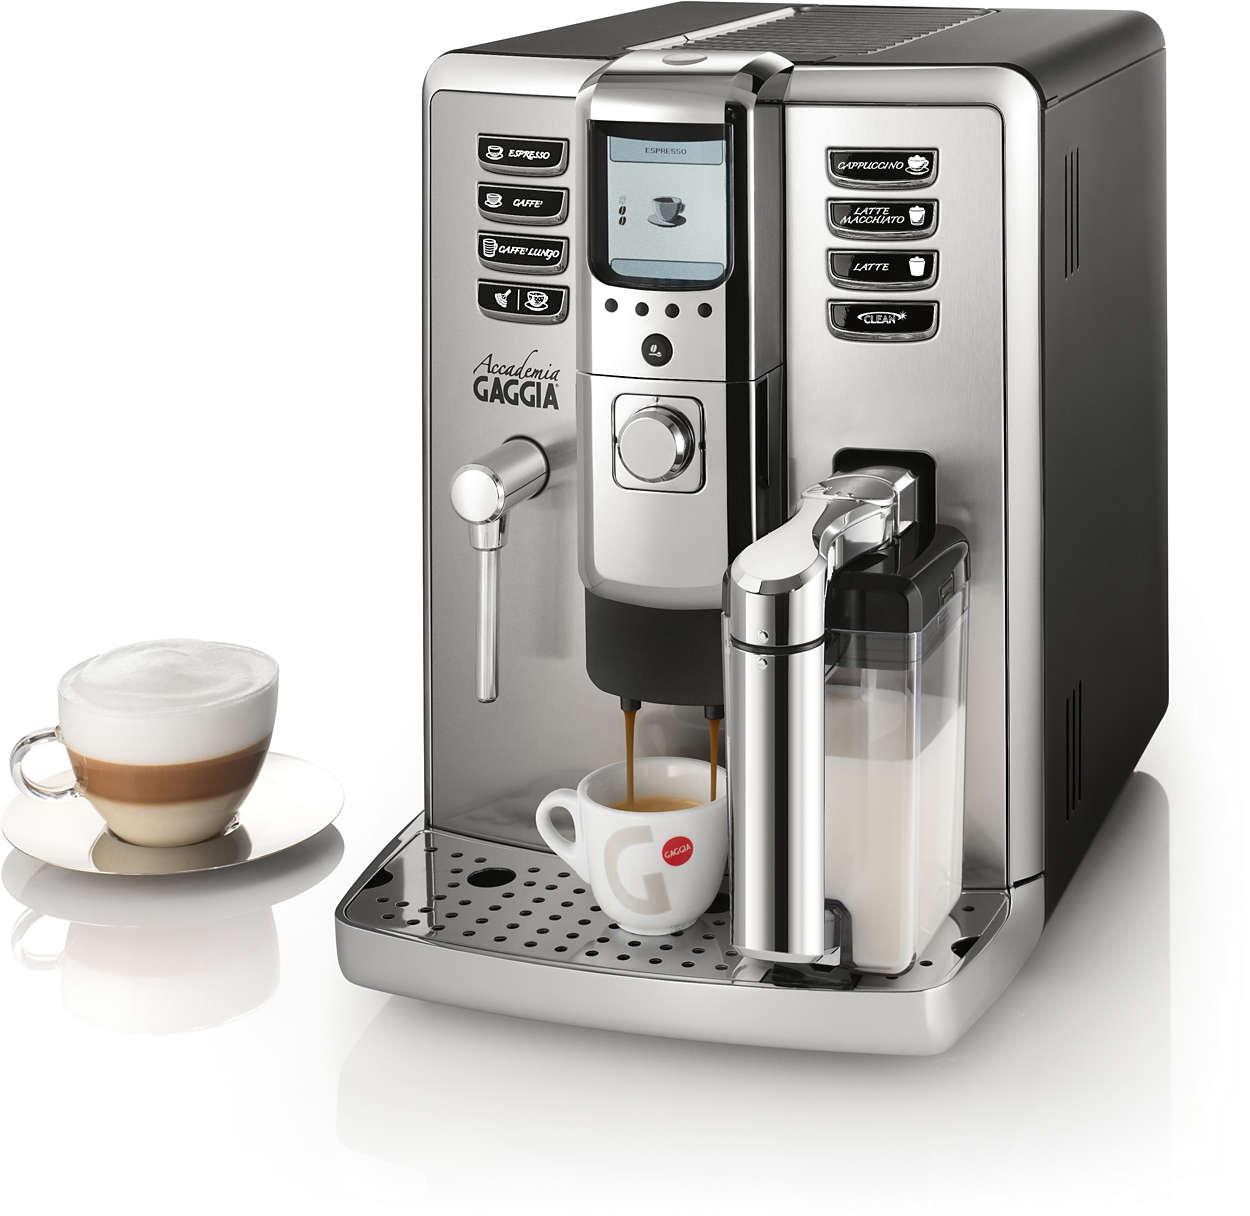 Super-automatic espresso machine RI9702/01   Gaggia